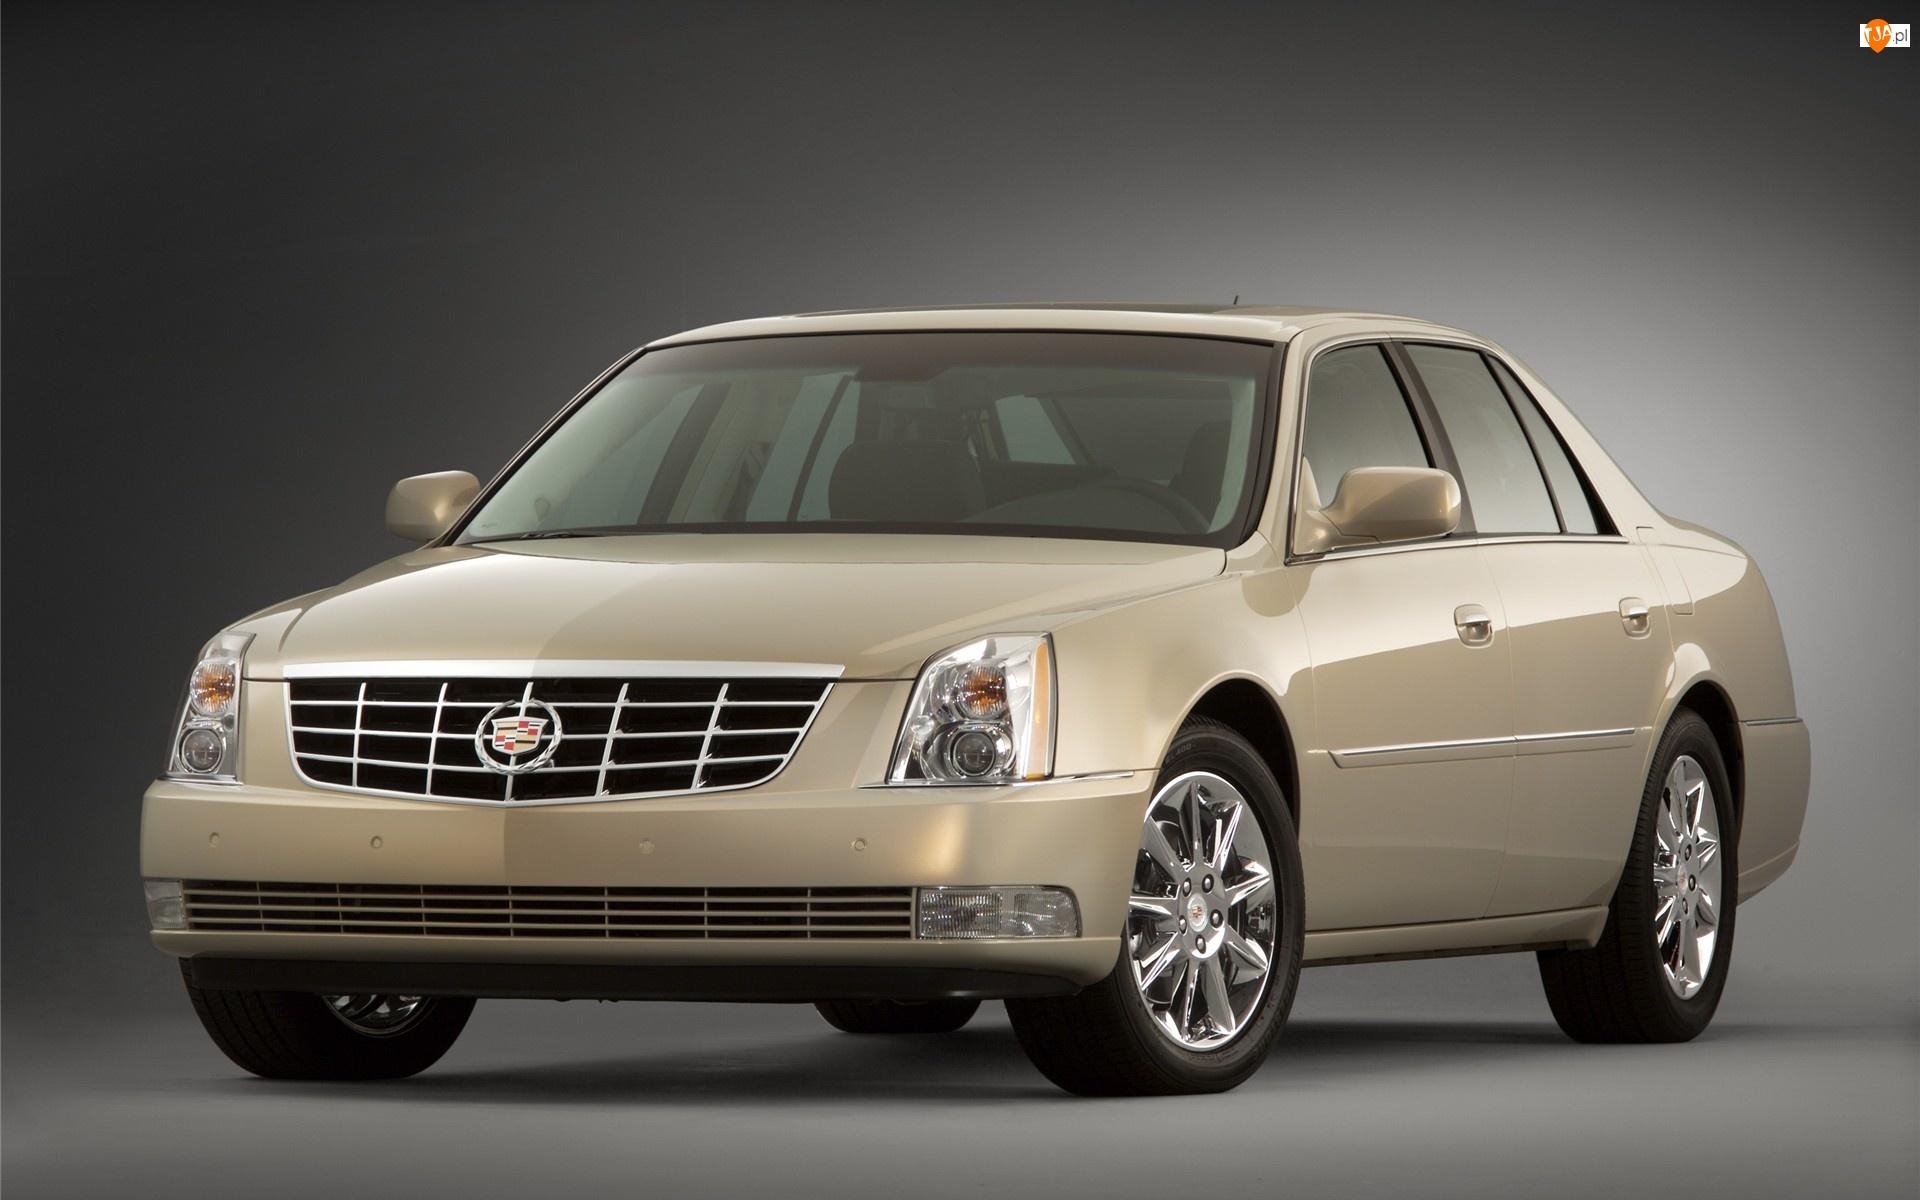 Szyba, Przód, Cadillac DTS